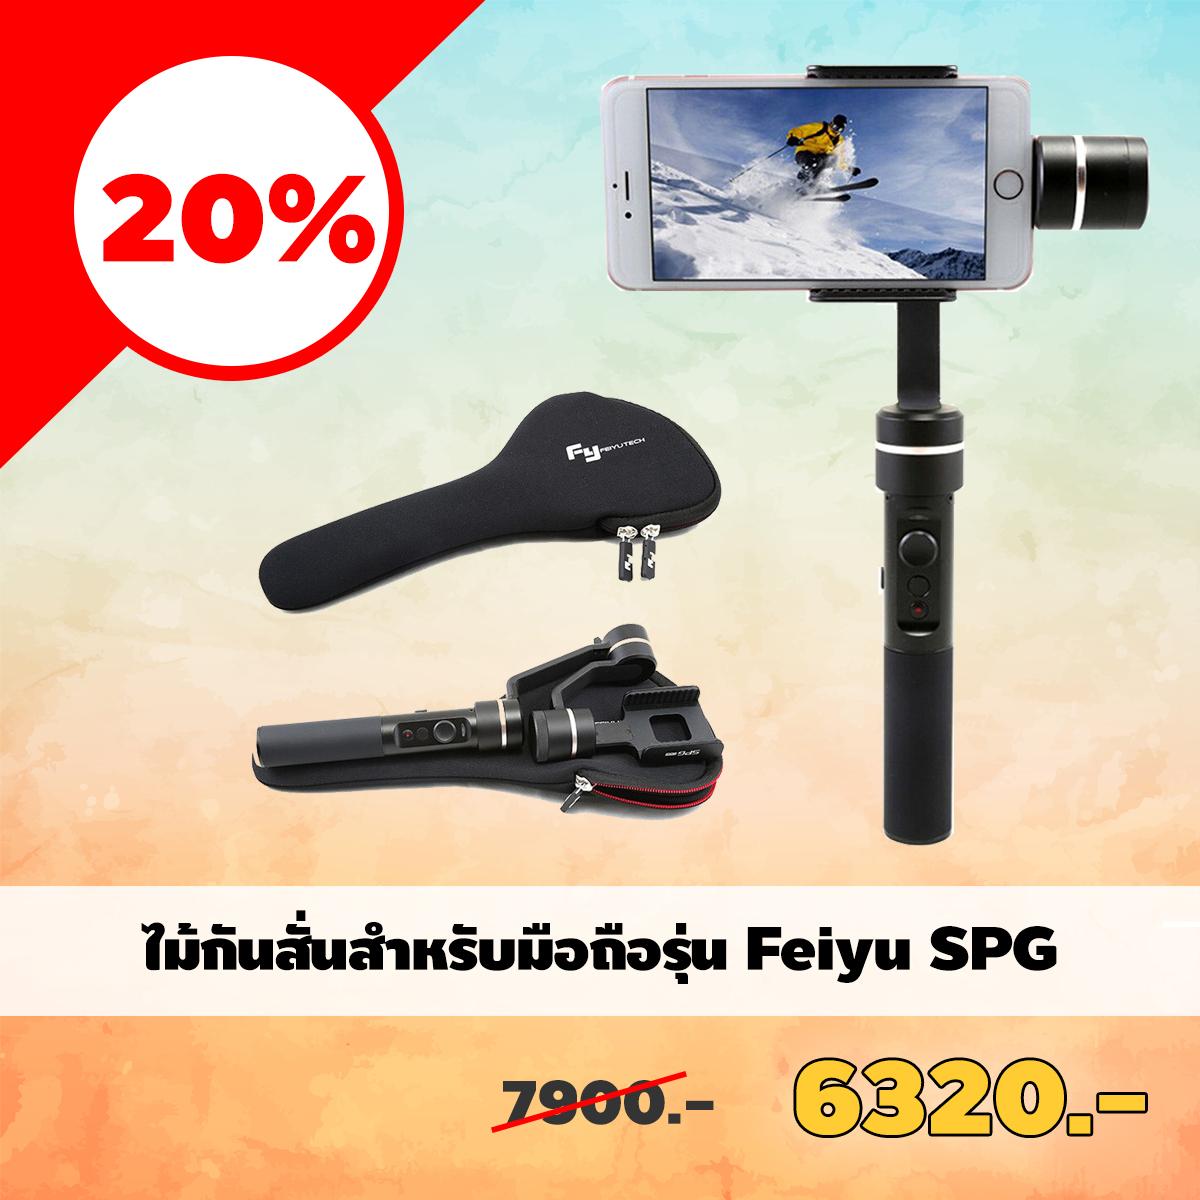 Feiyu-SPG